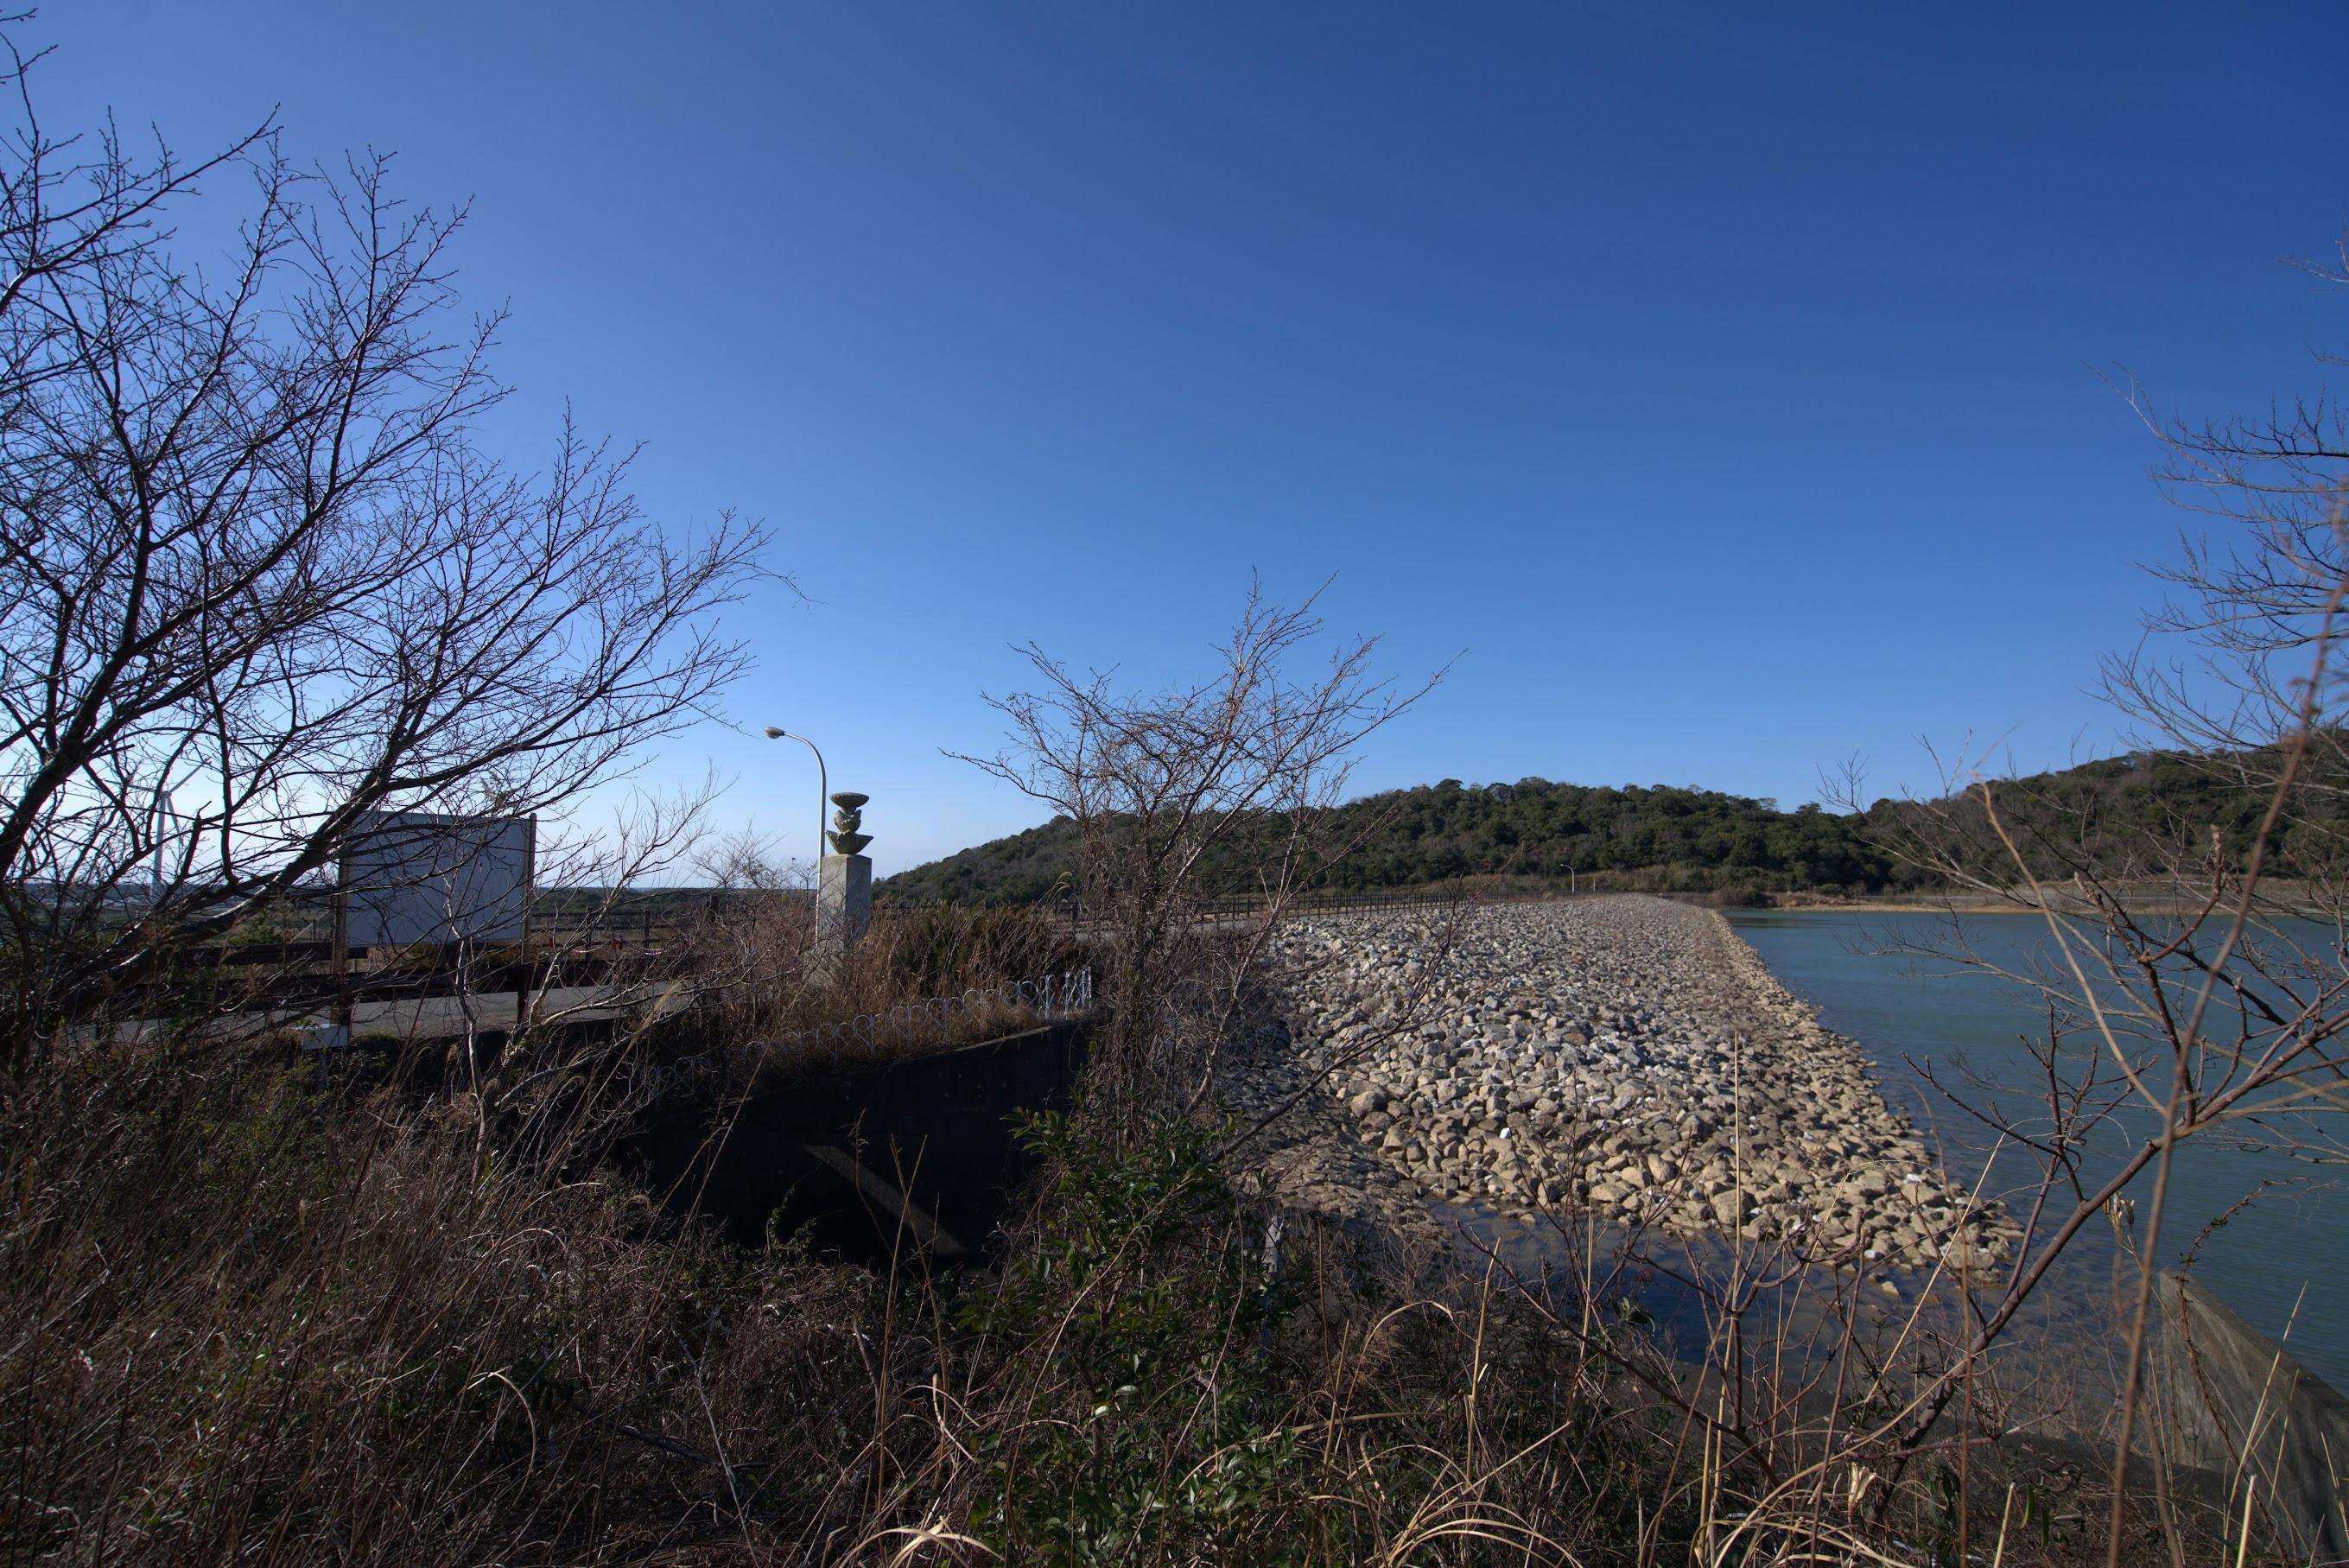 愛知県の追加ダムカードを貰いに行こう – 初立池(初立ダム)